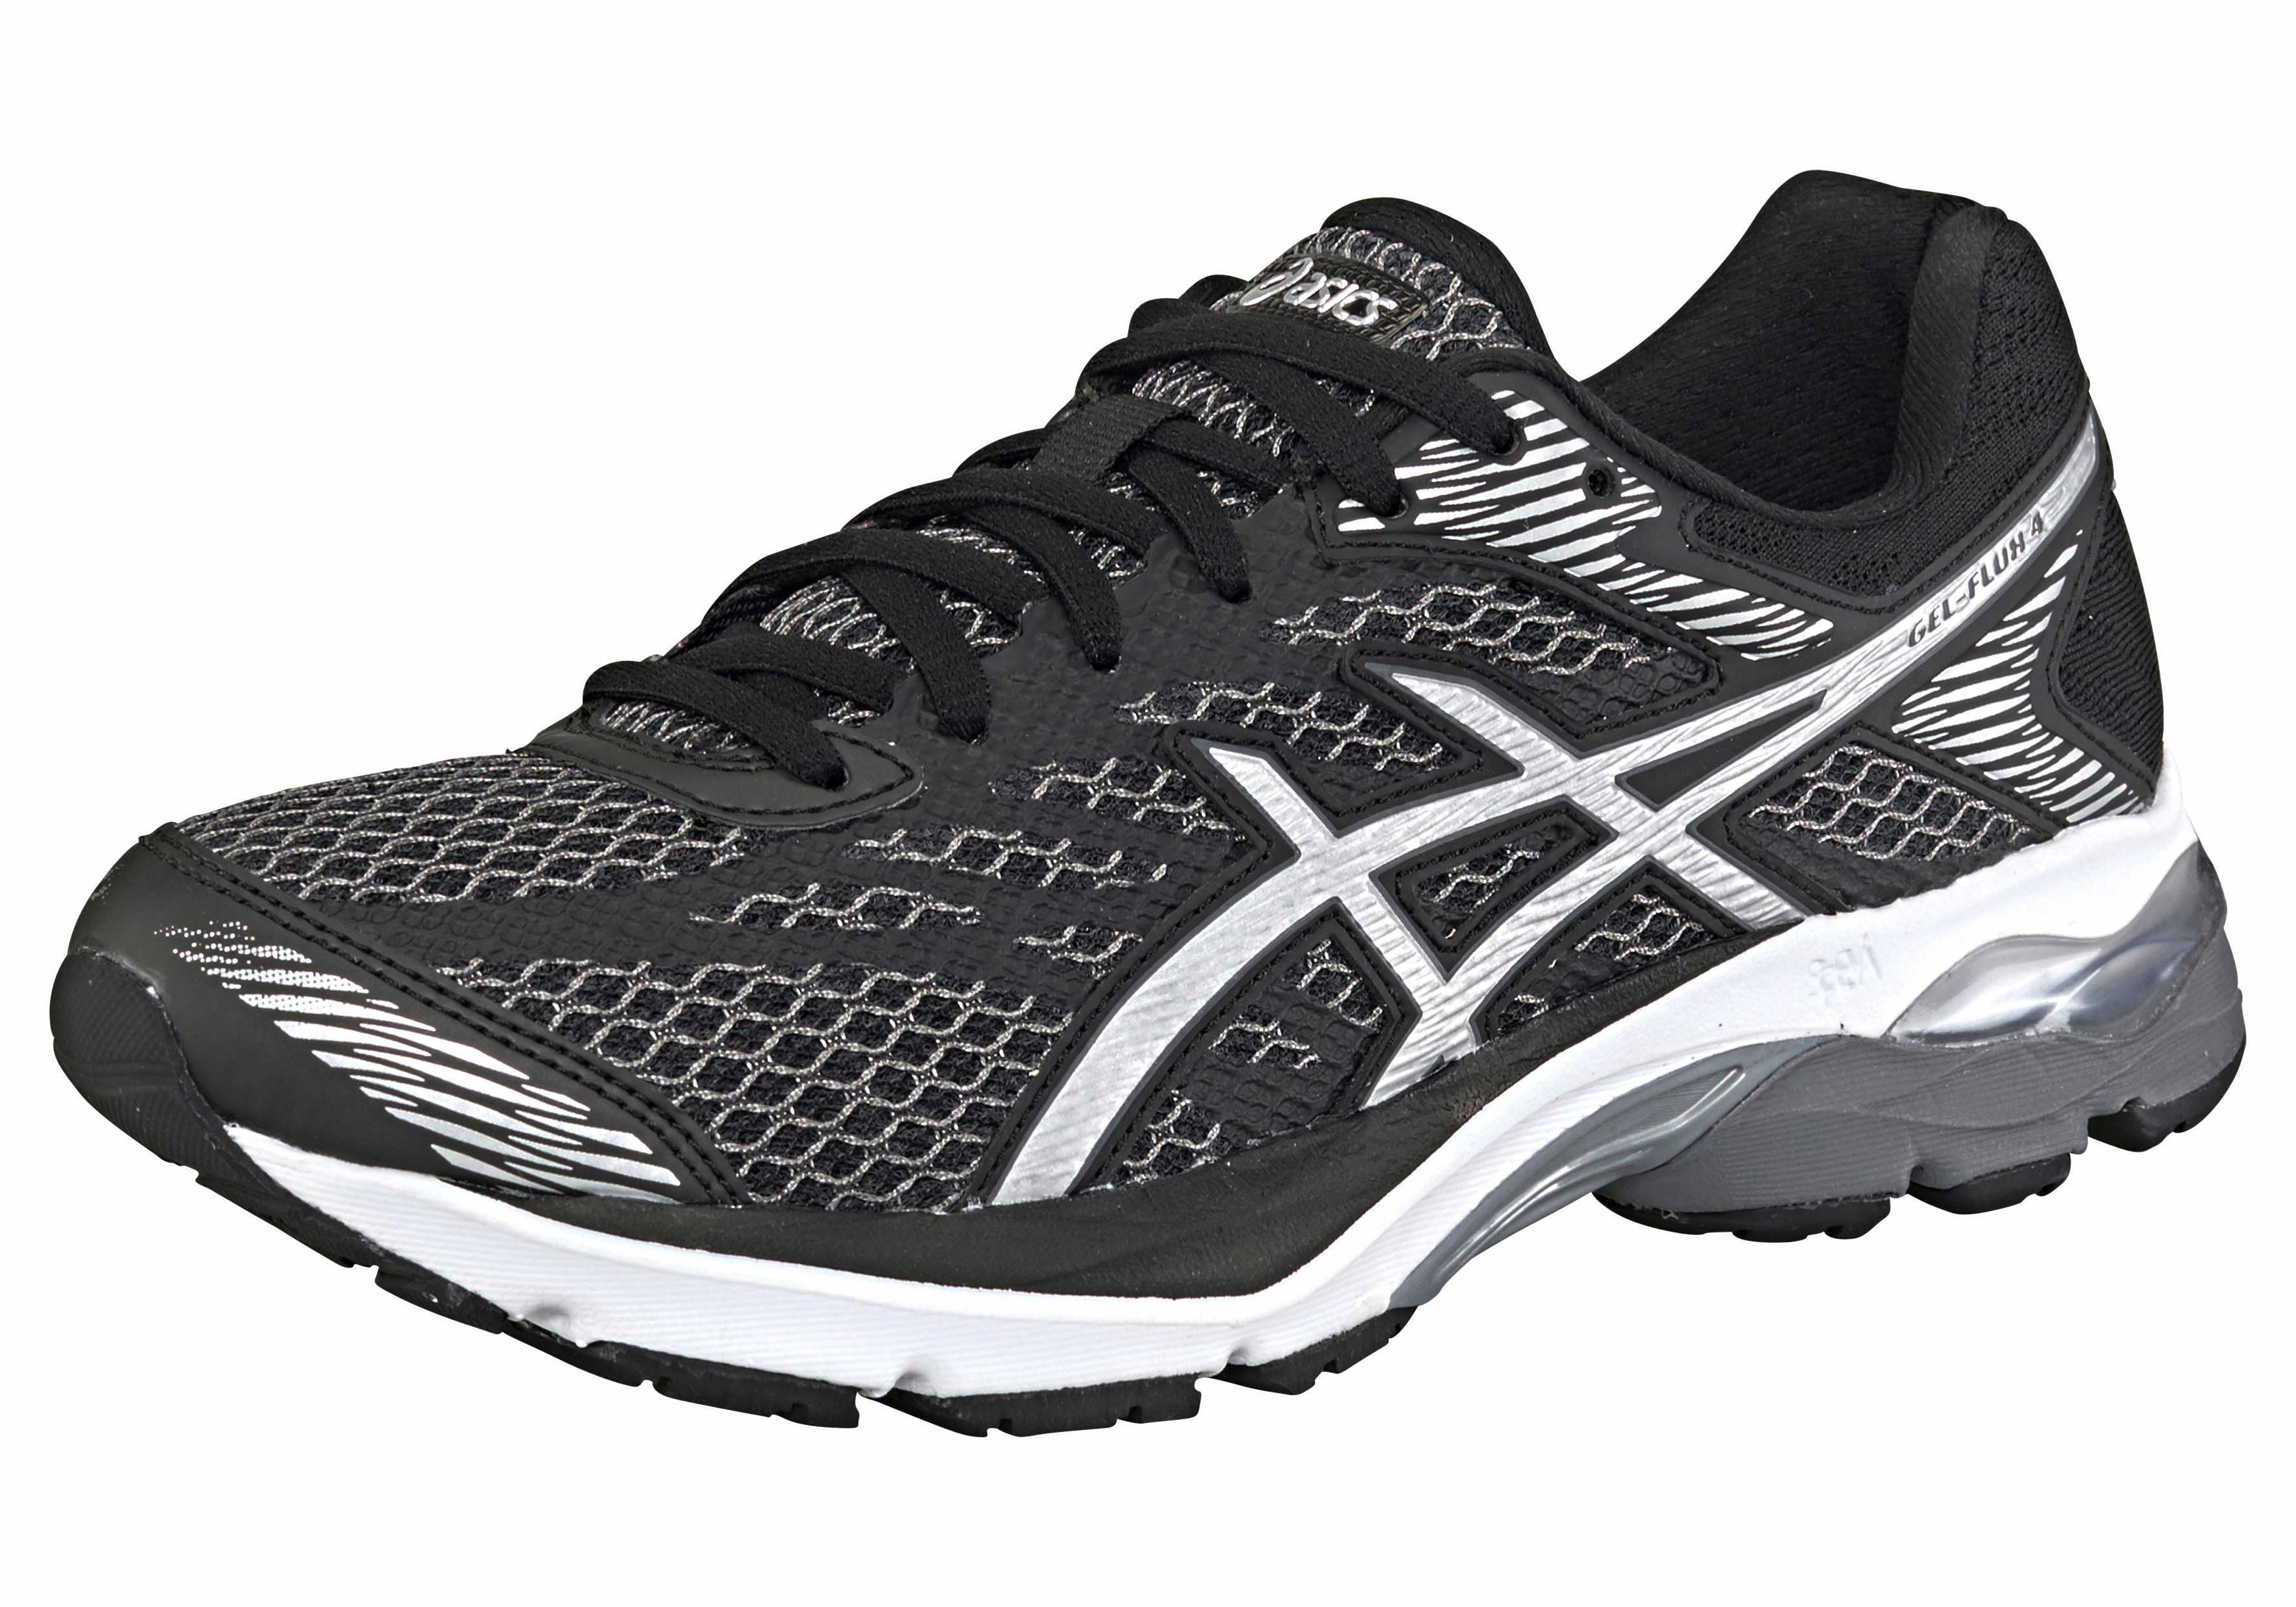 Asics GEL-FLUX 4 Laufschuh online kaufen  schwarz-weiß